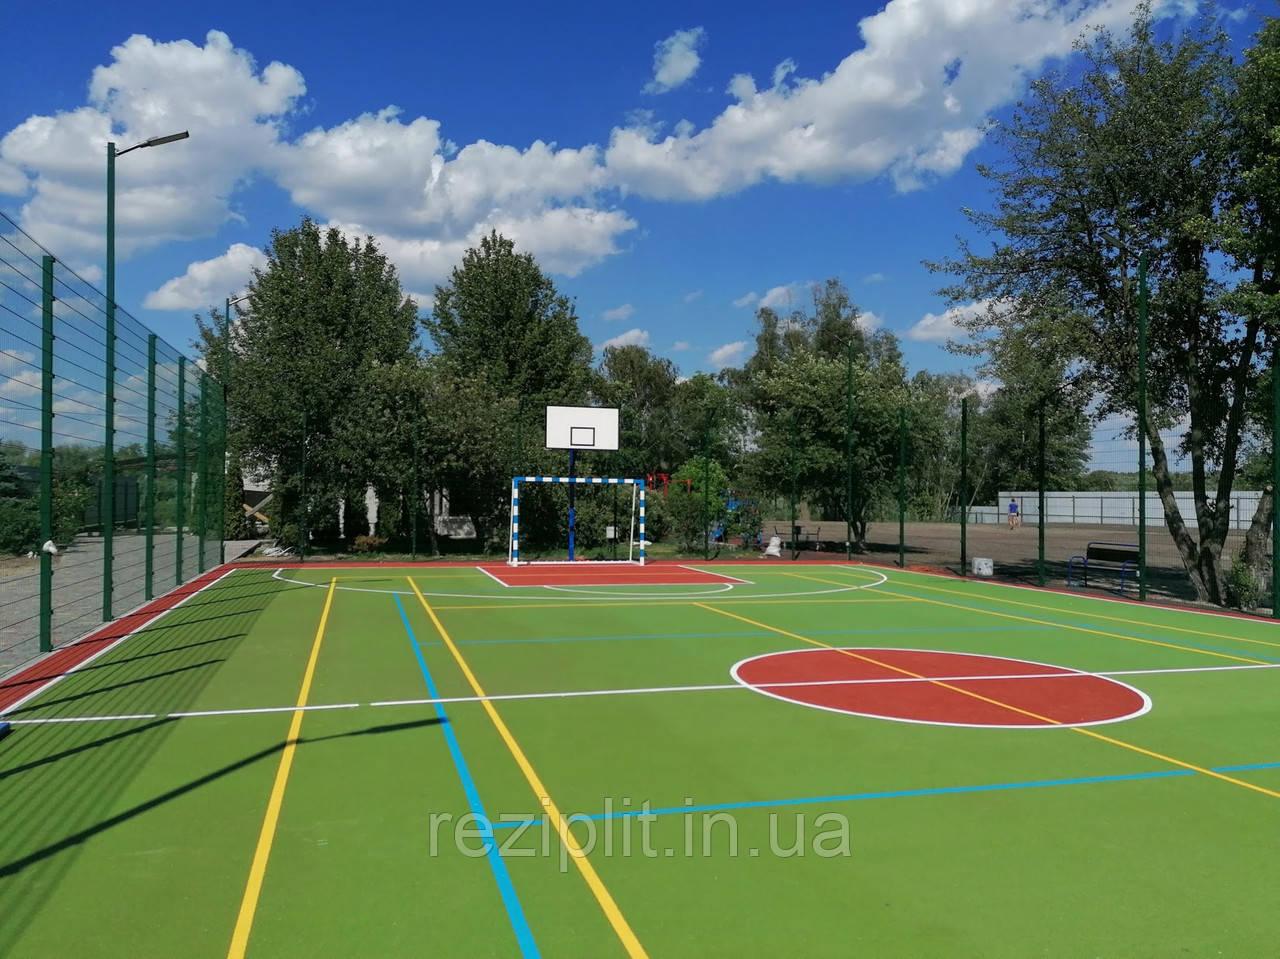 Покрытие для спортивных площадок. Полиуретан + резиновая крошка, 10 мм